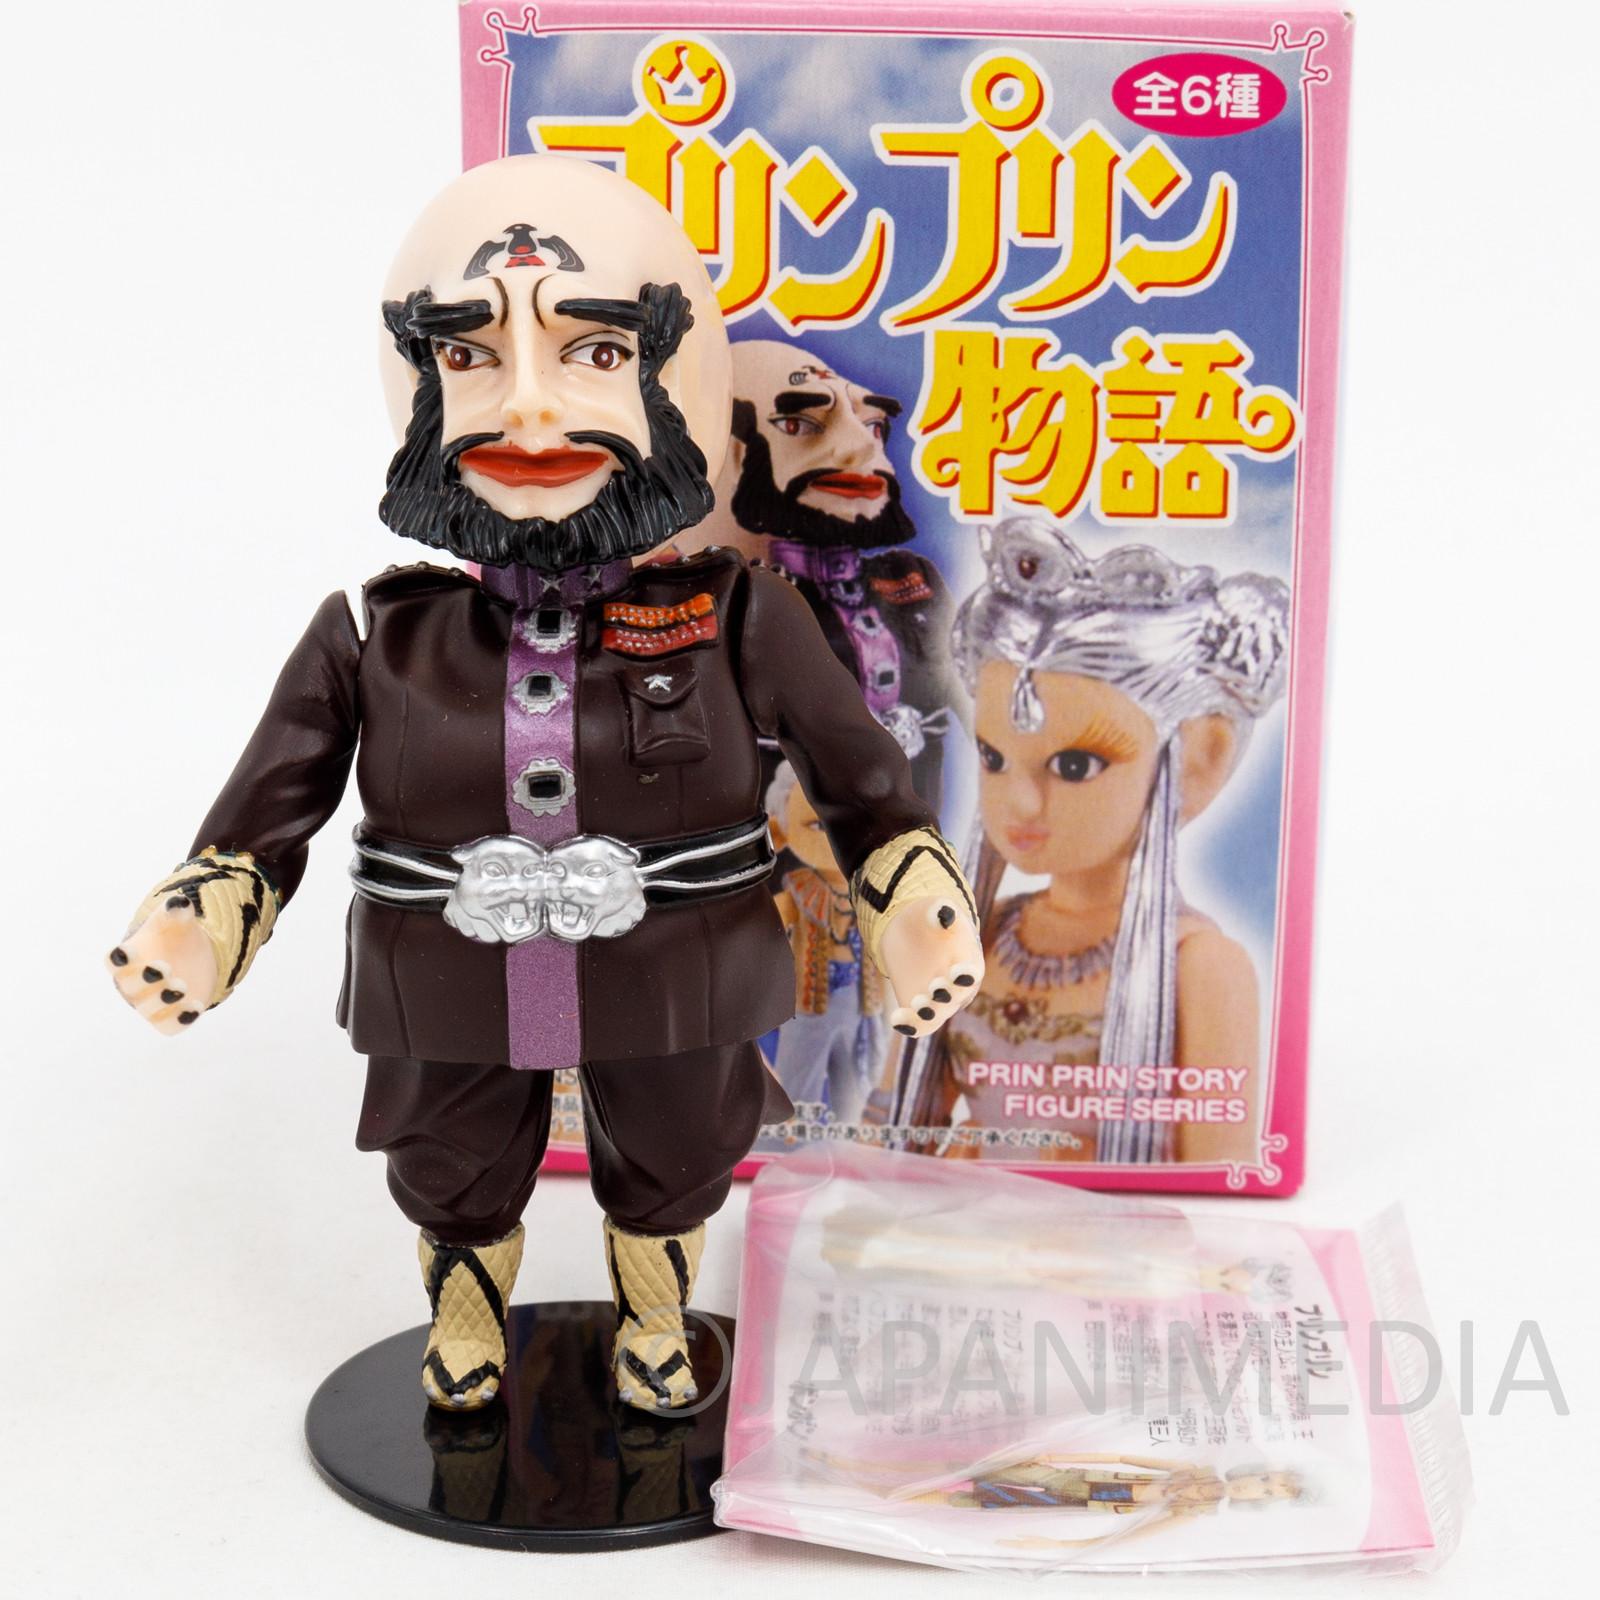 Purin Purin Monogatari Ruchi Shogun Figure Puppet Show NHK TV JAPAN ANIME